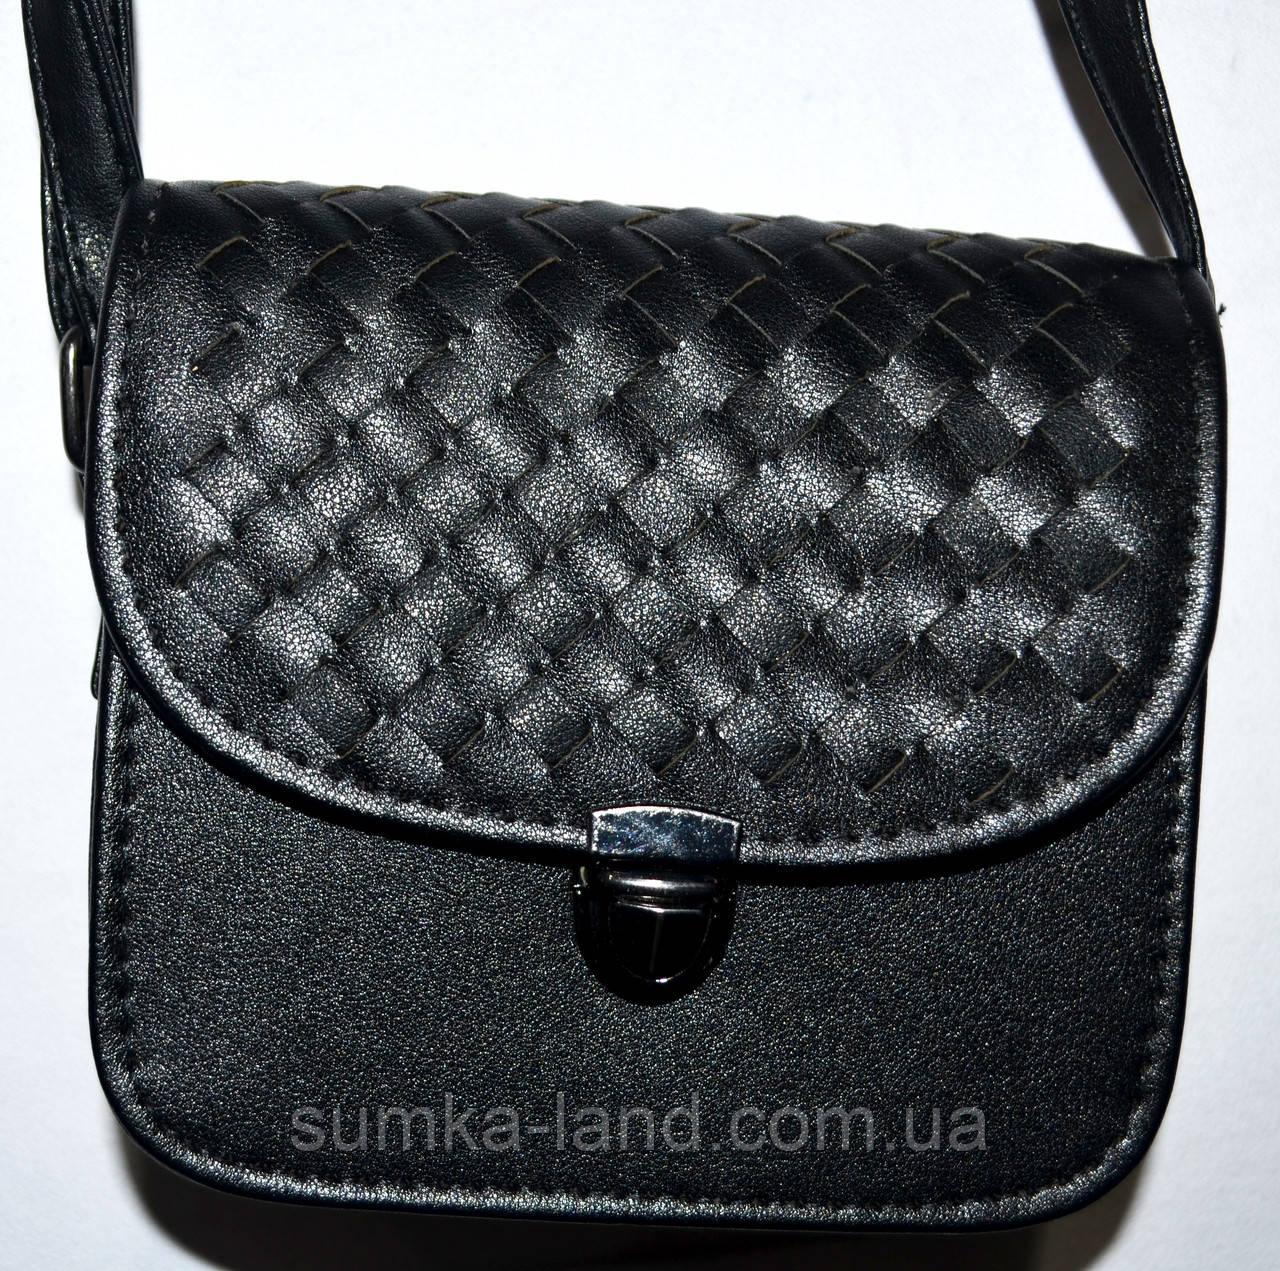 Женский маленький черный клатч на ремешке 15*13 см